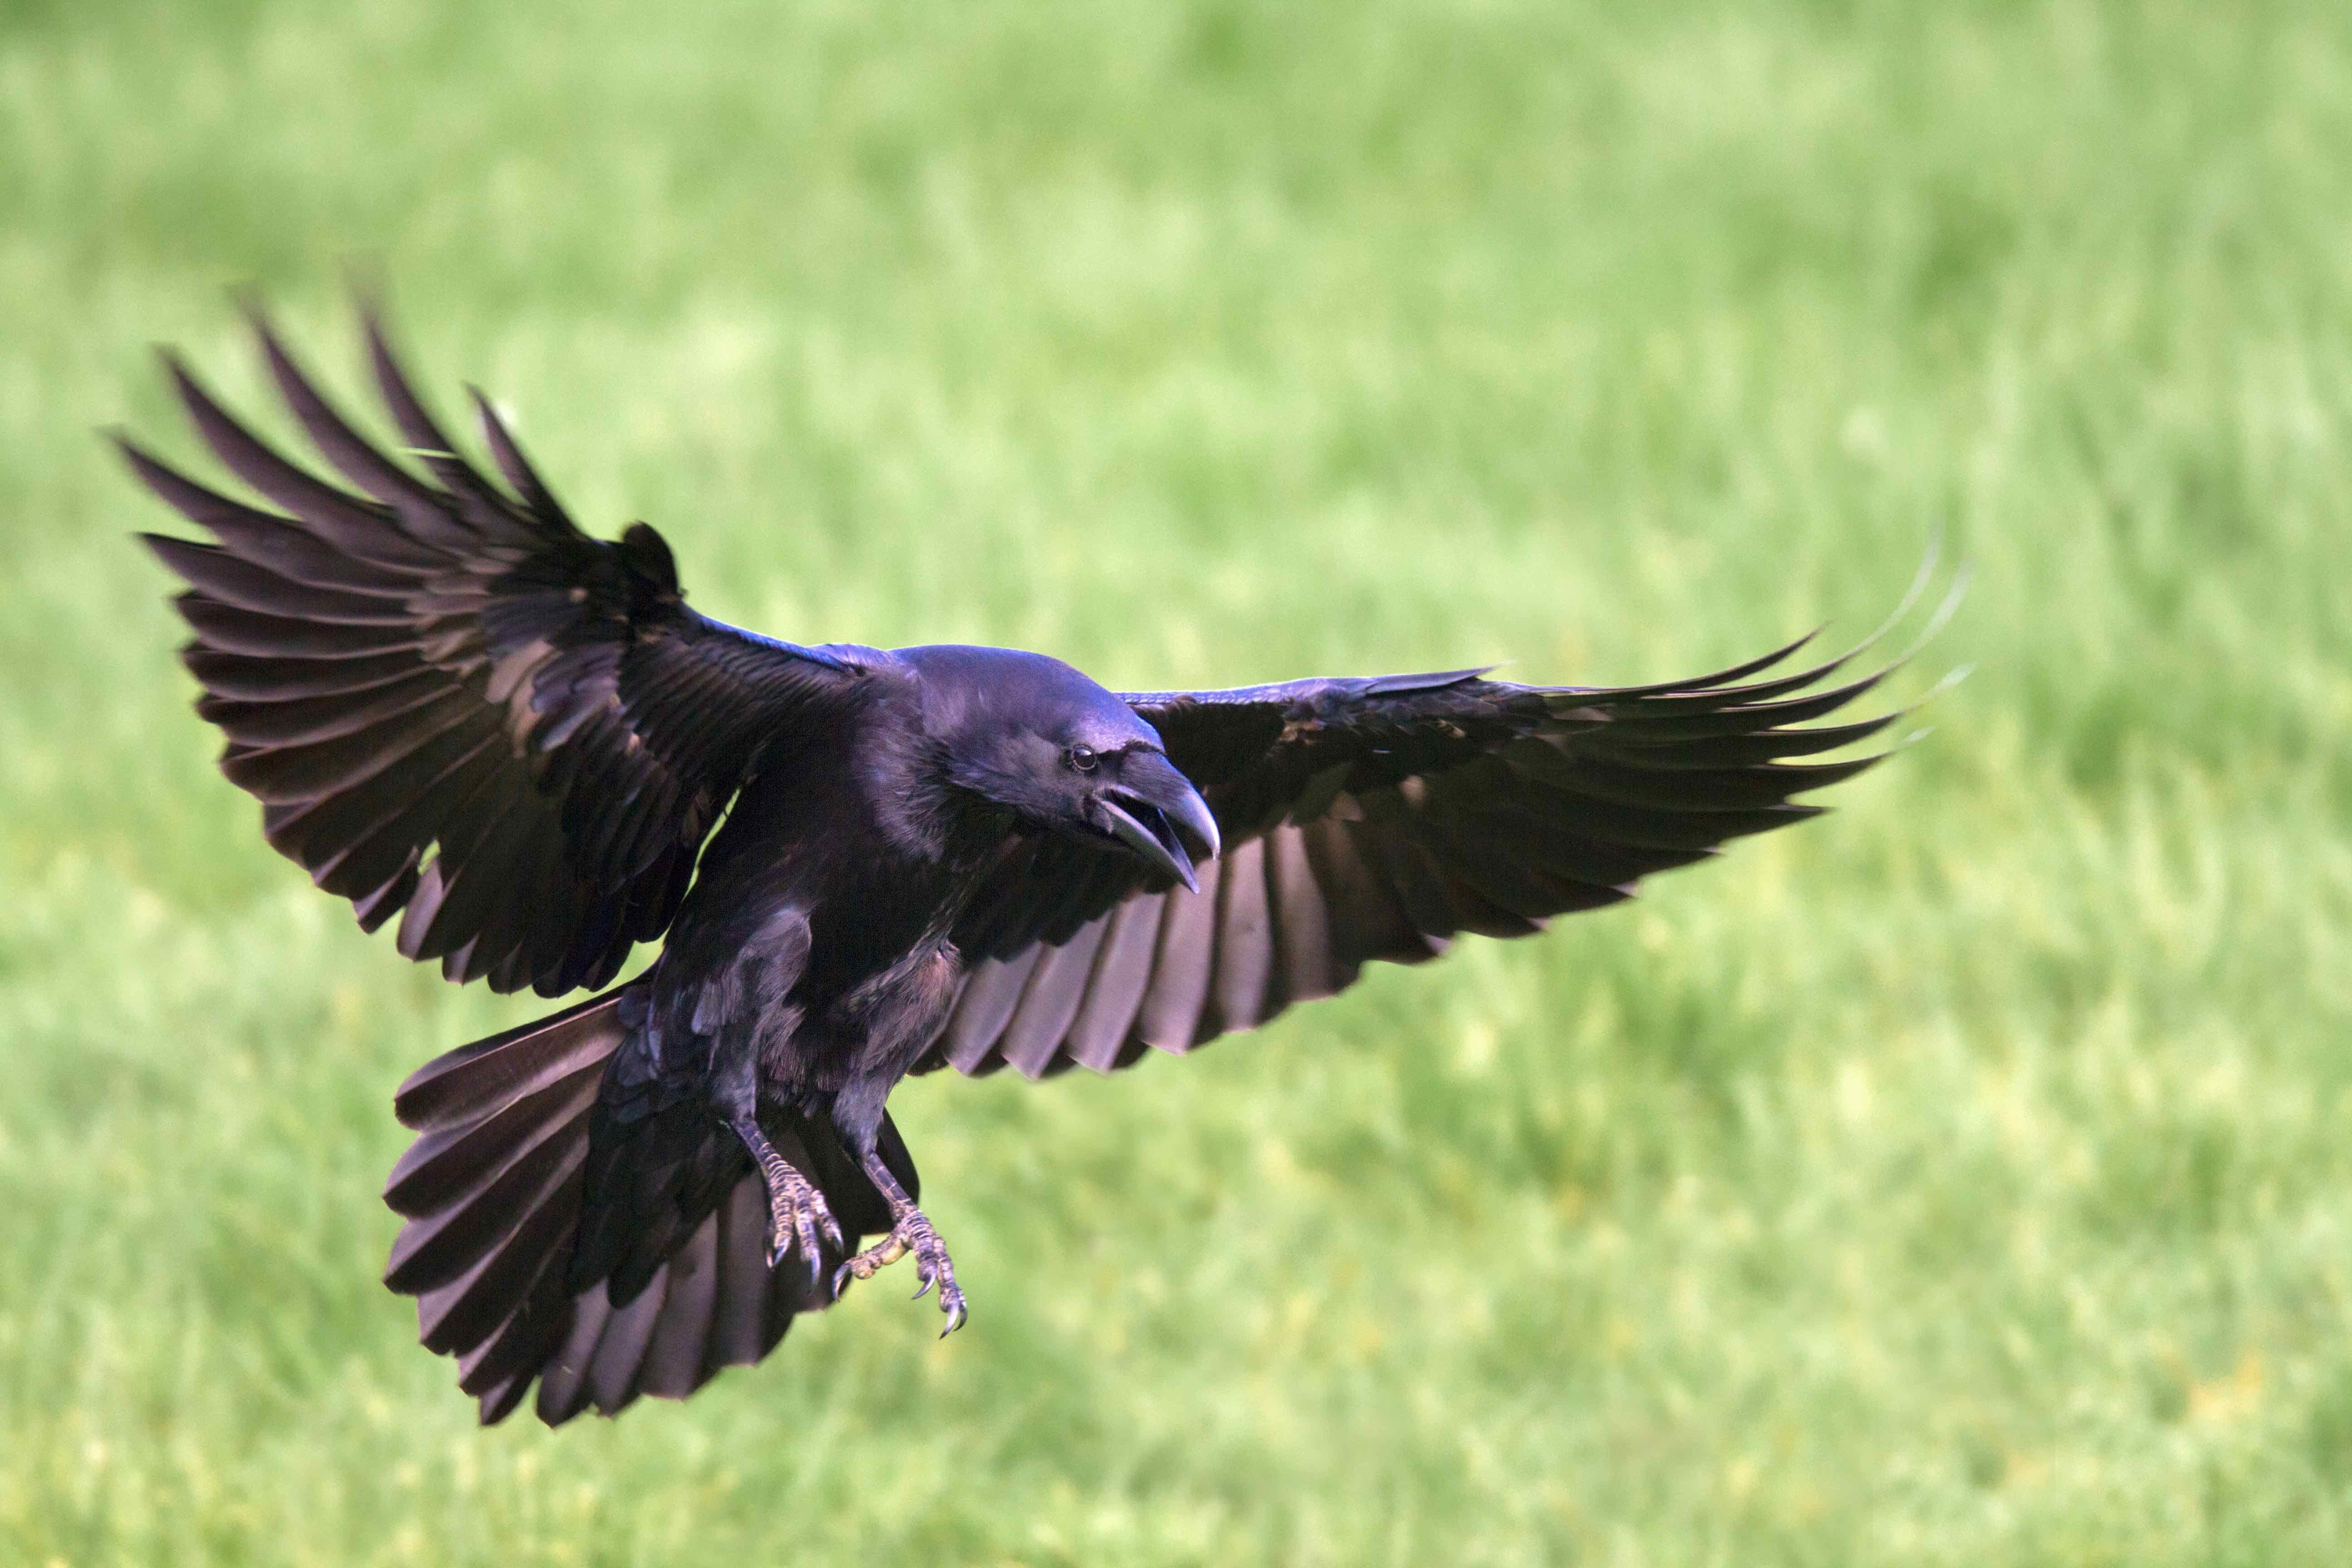 Ravens flying wallpaper - photo#39